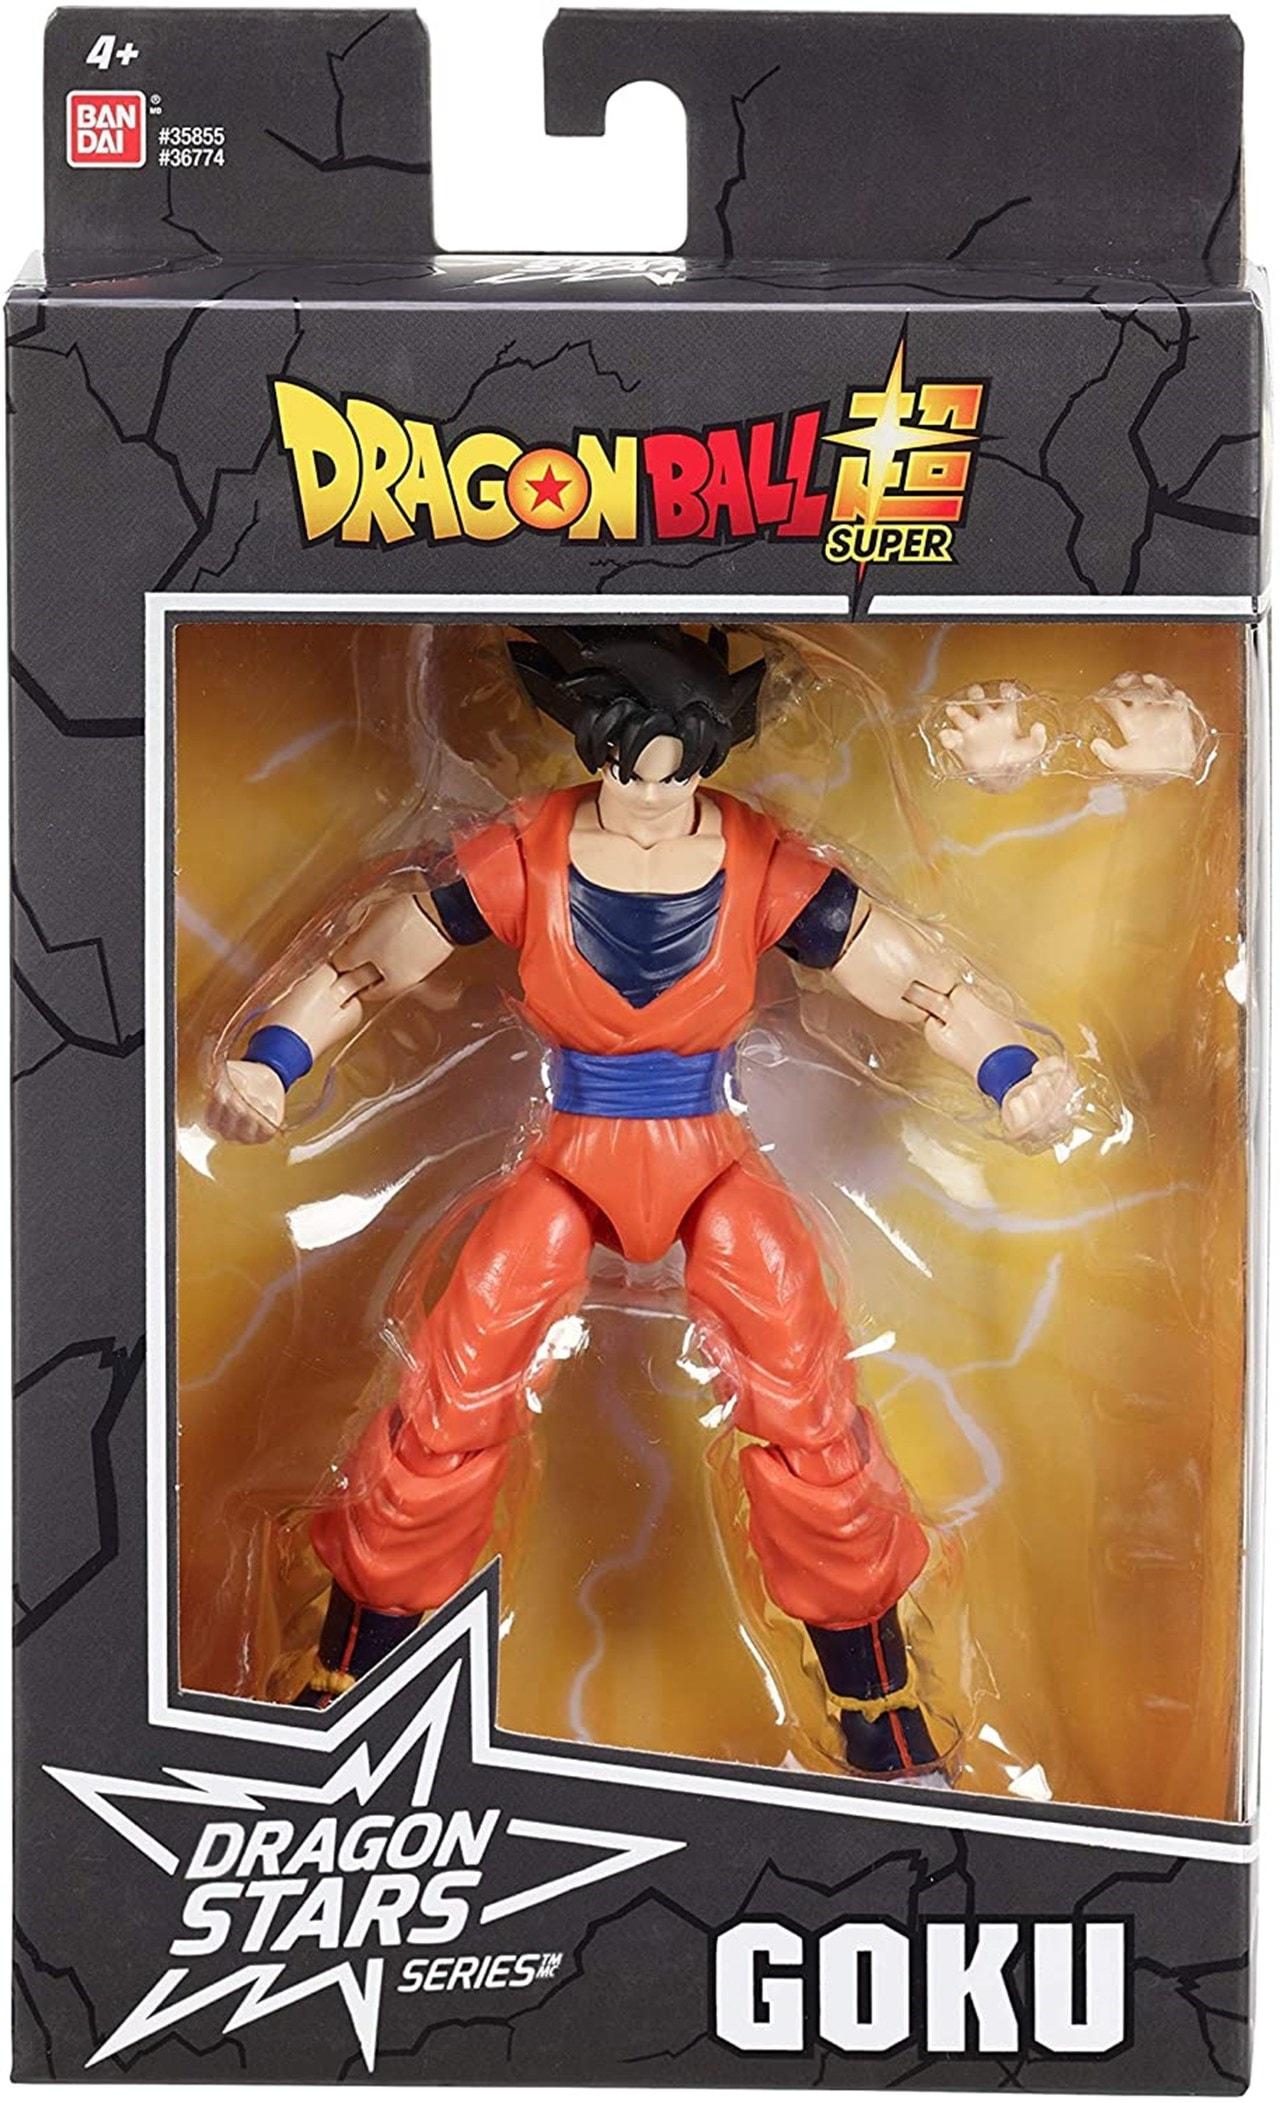 Goku Version 2: Dragon Ball Stars Action Figure - 5